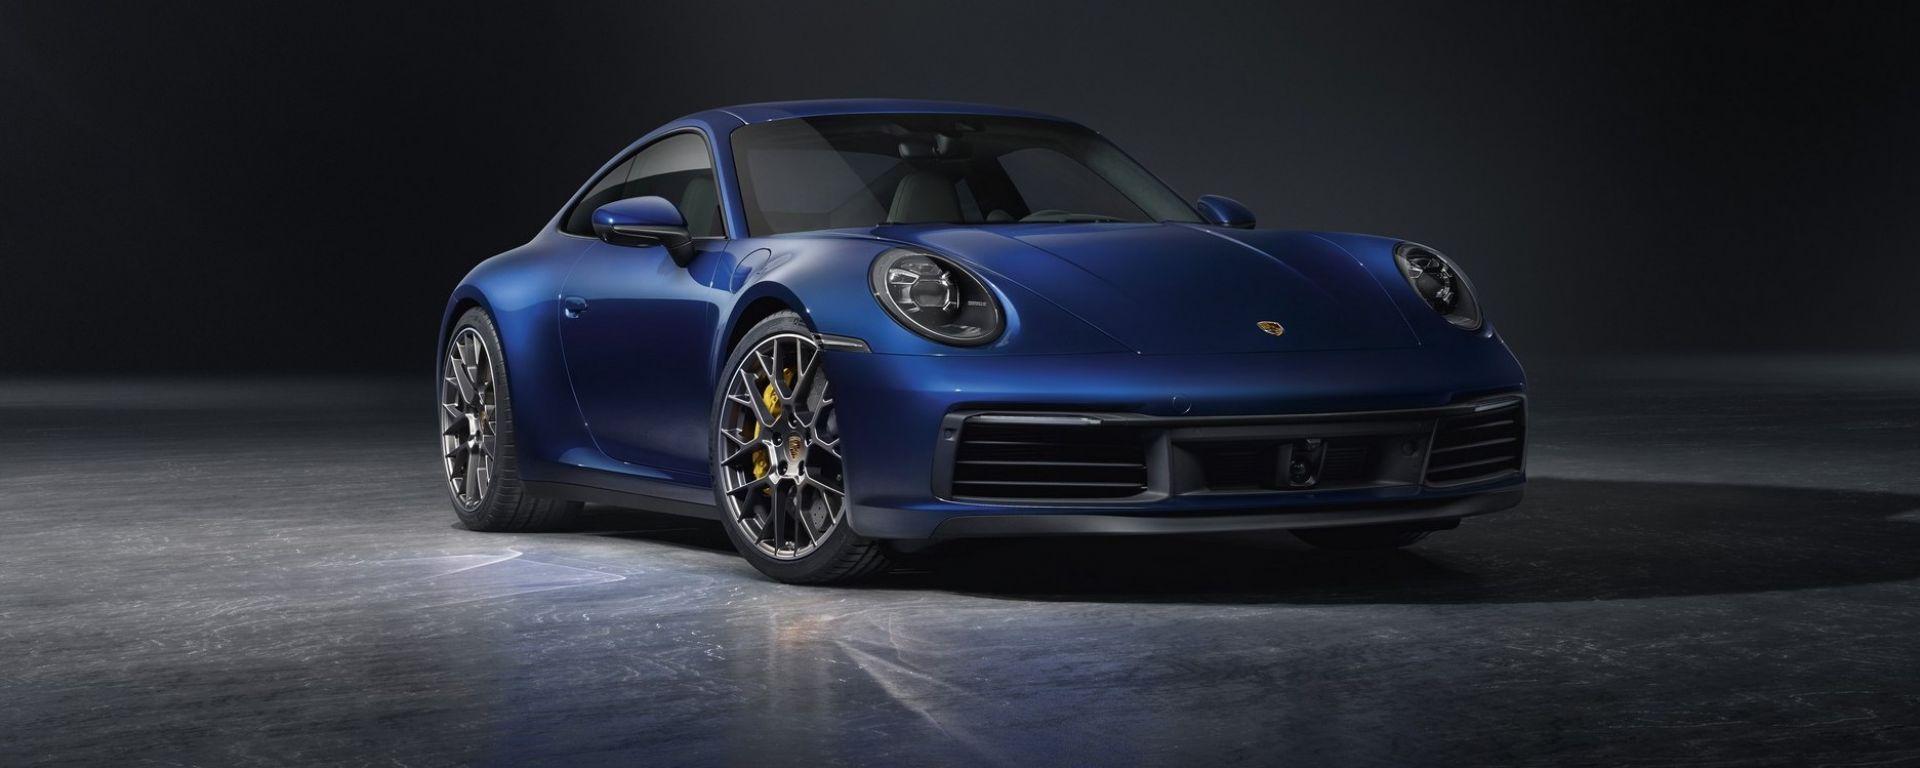 Nuova Porsche 911 Carrera S 2019: com'è e come è fatta